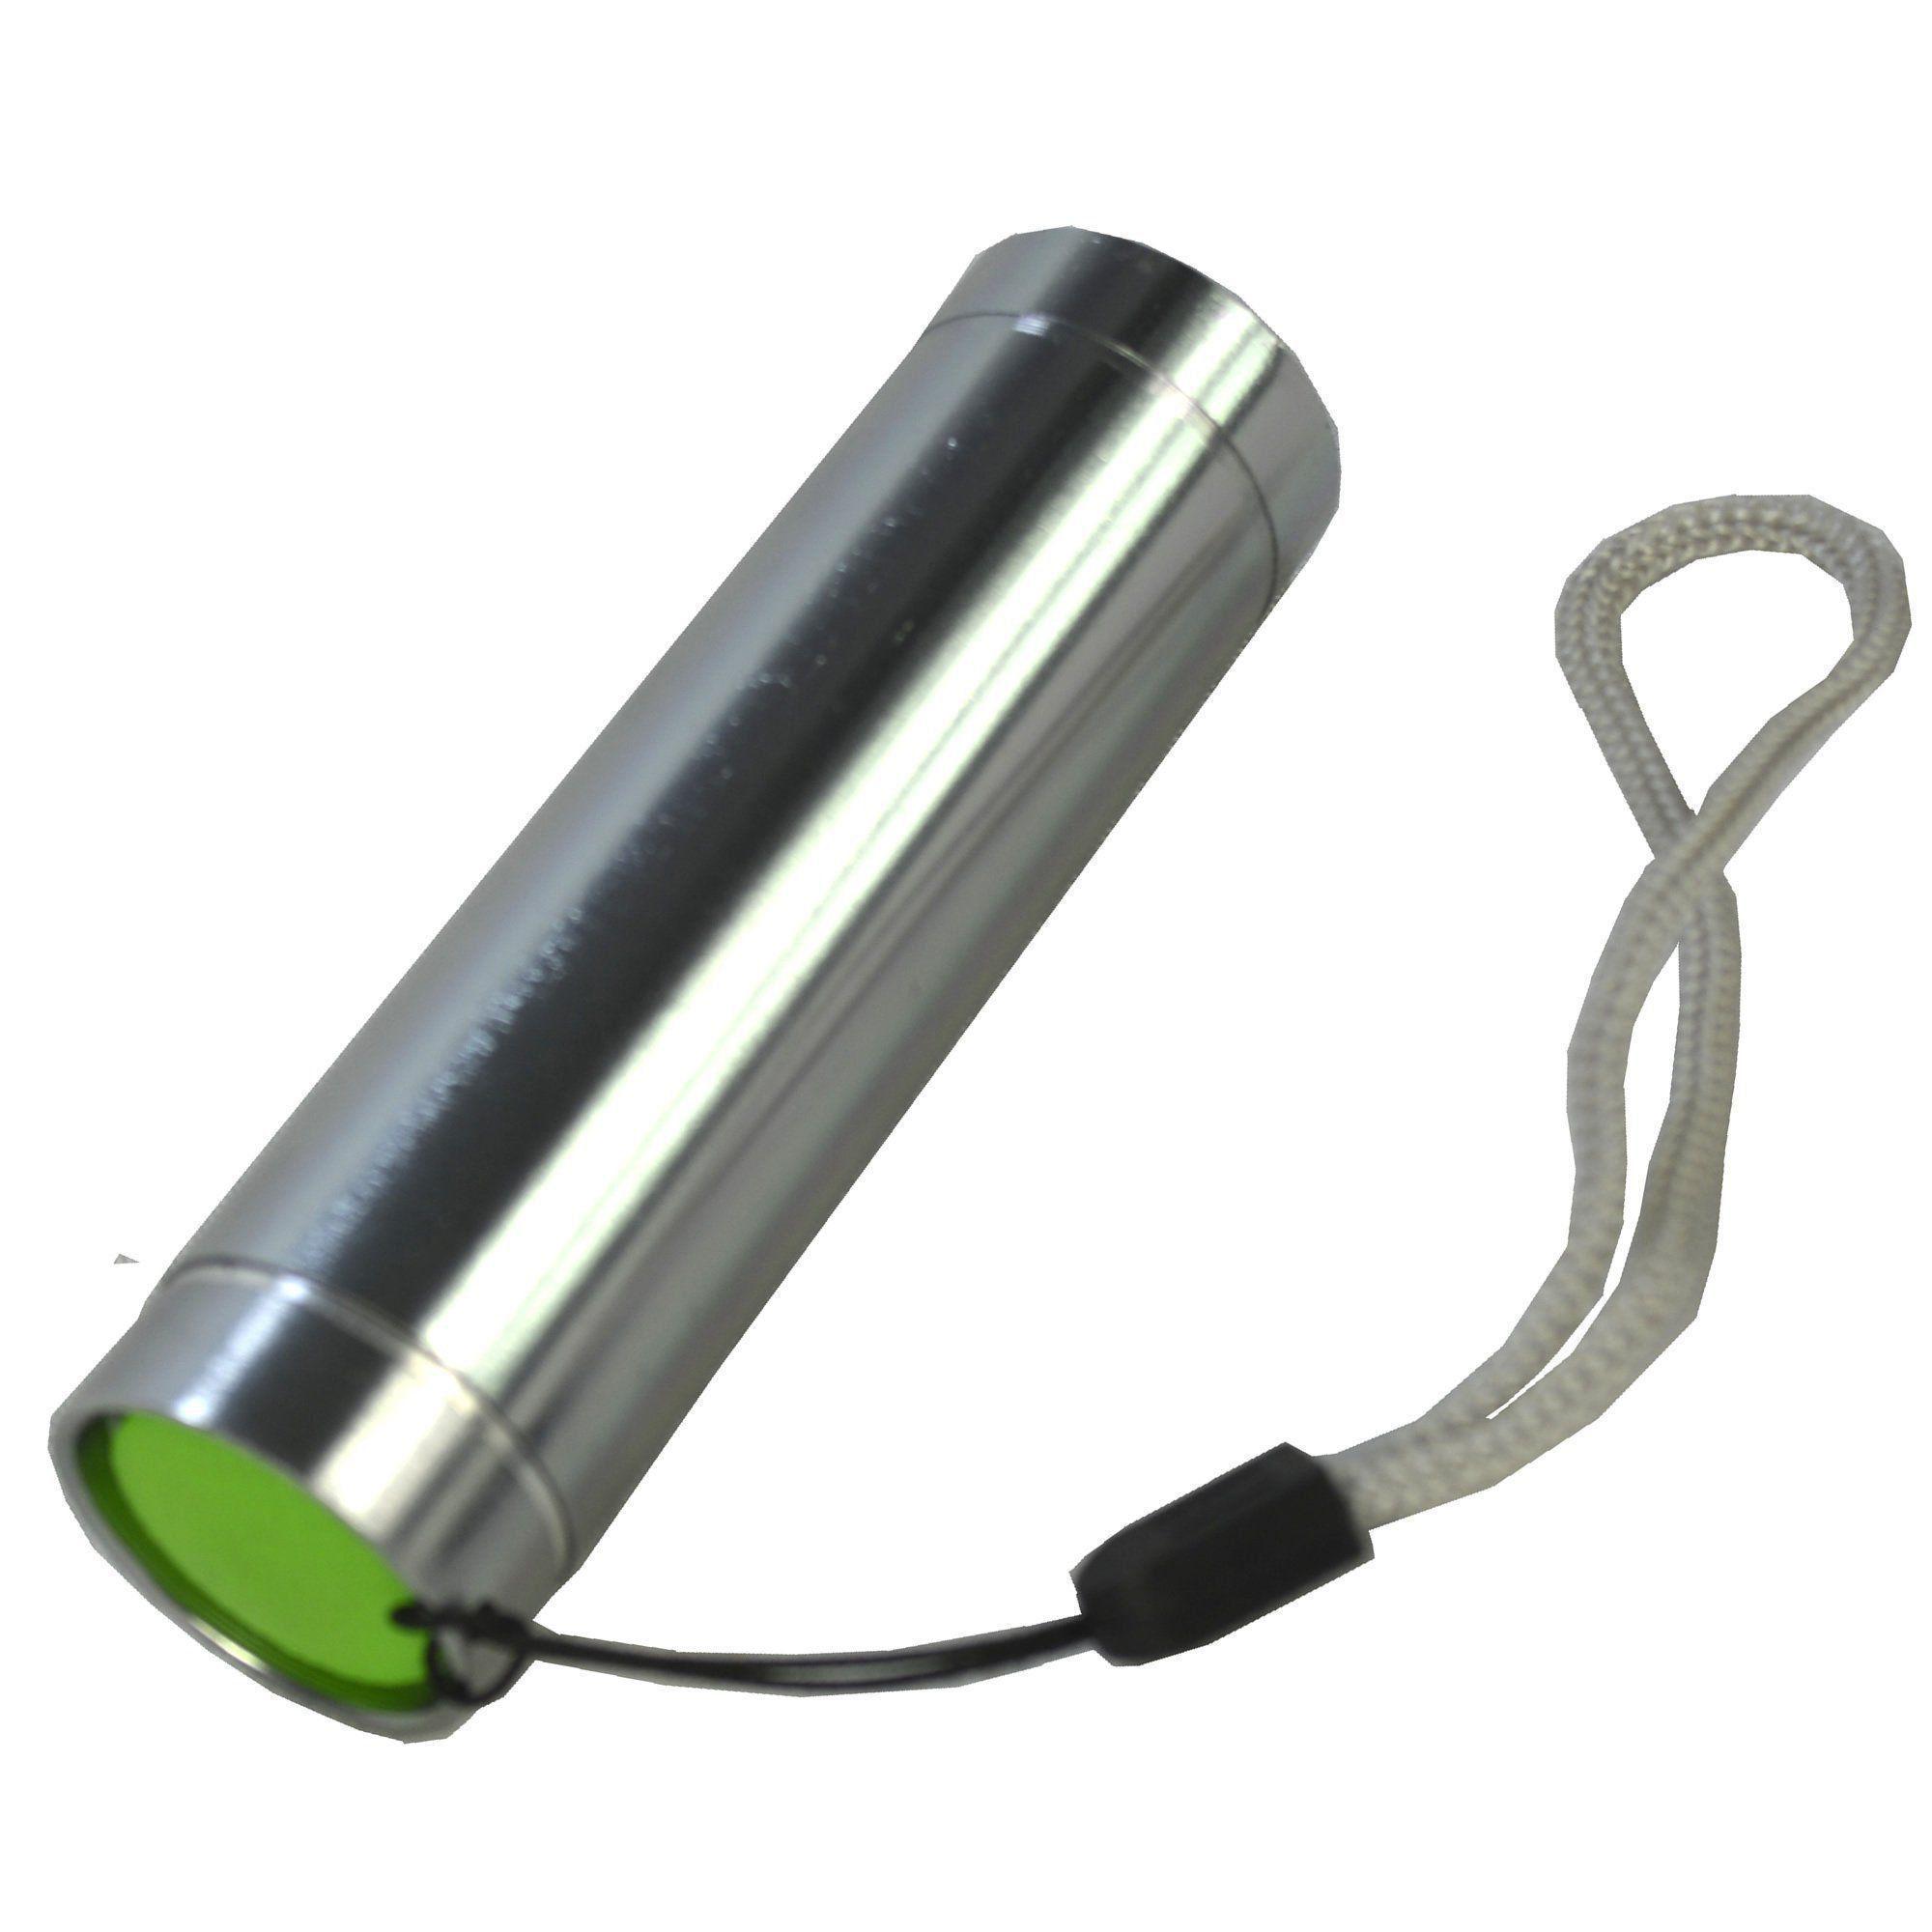 Detector de Dinheiro Falso Escorpião Portátil Prata Kit 5 Peças CBRN07257